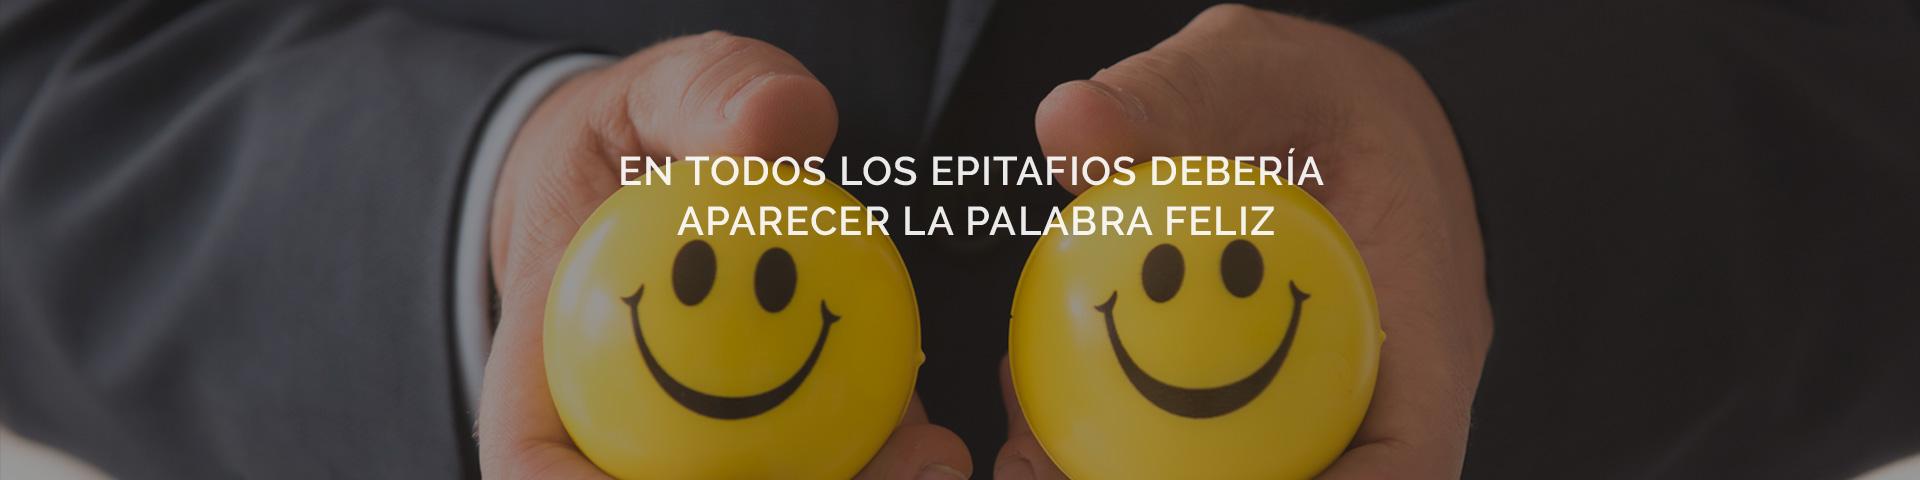 smiles_txt